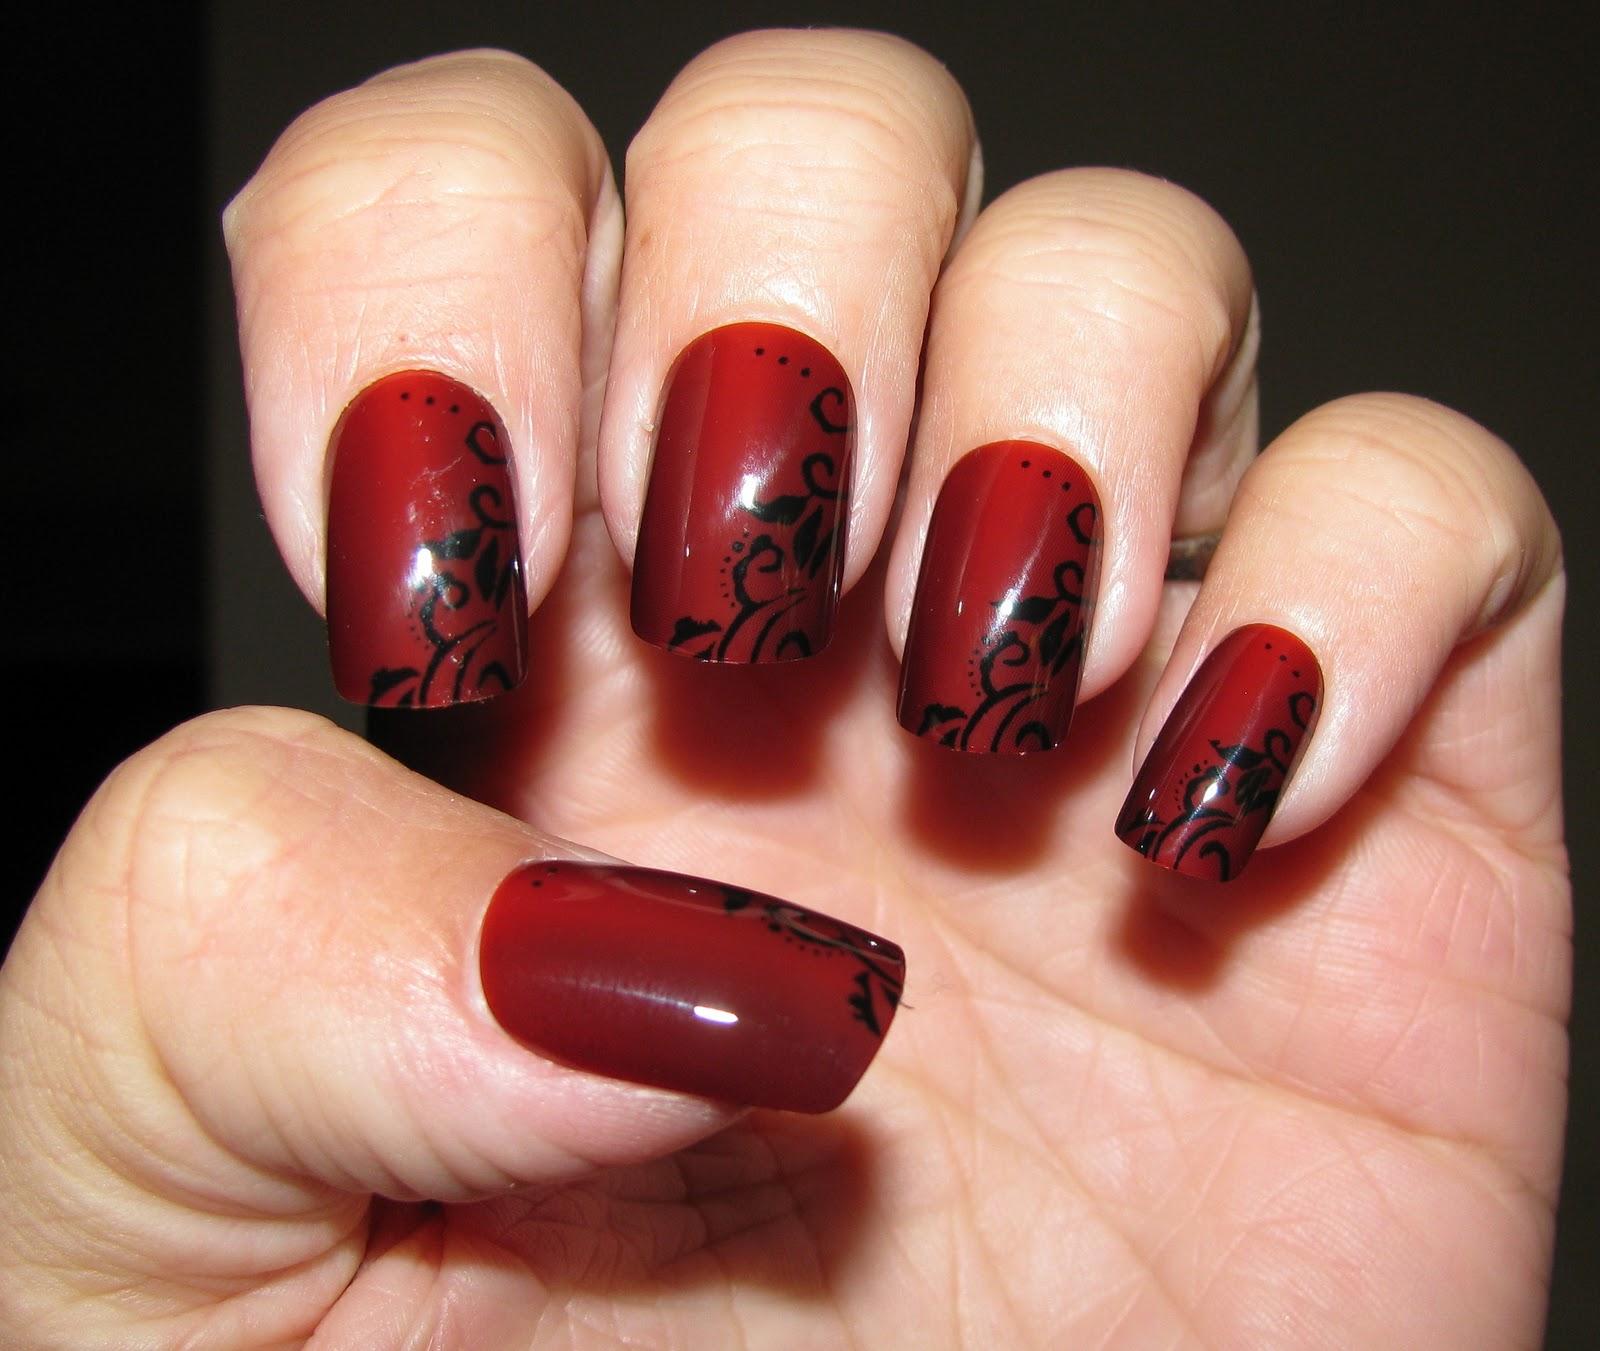 Nail'd & Polish'd: Kiss Halloween Nails